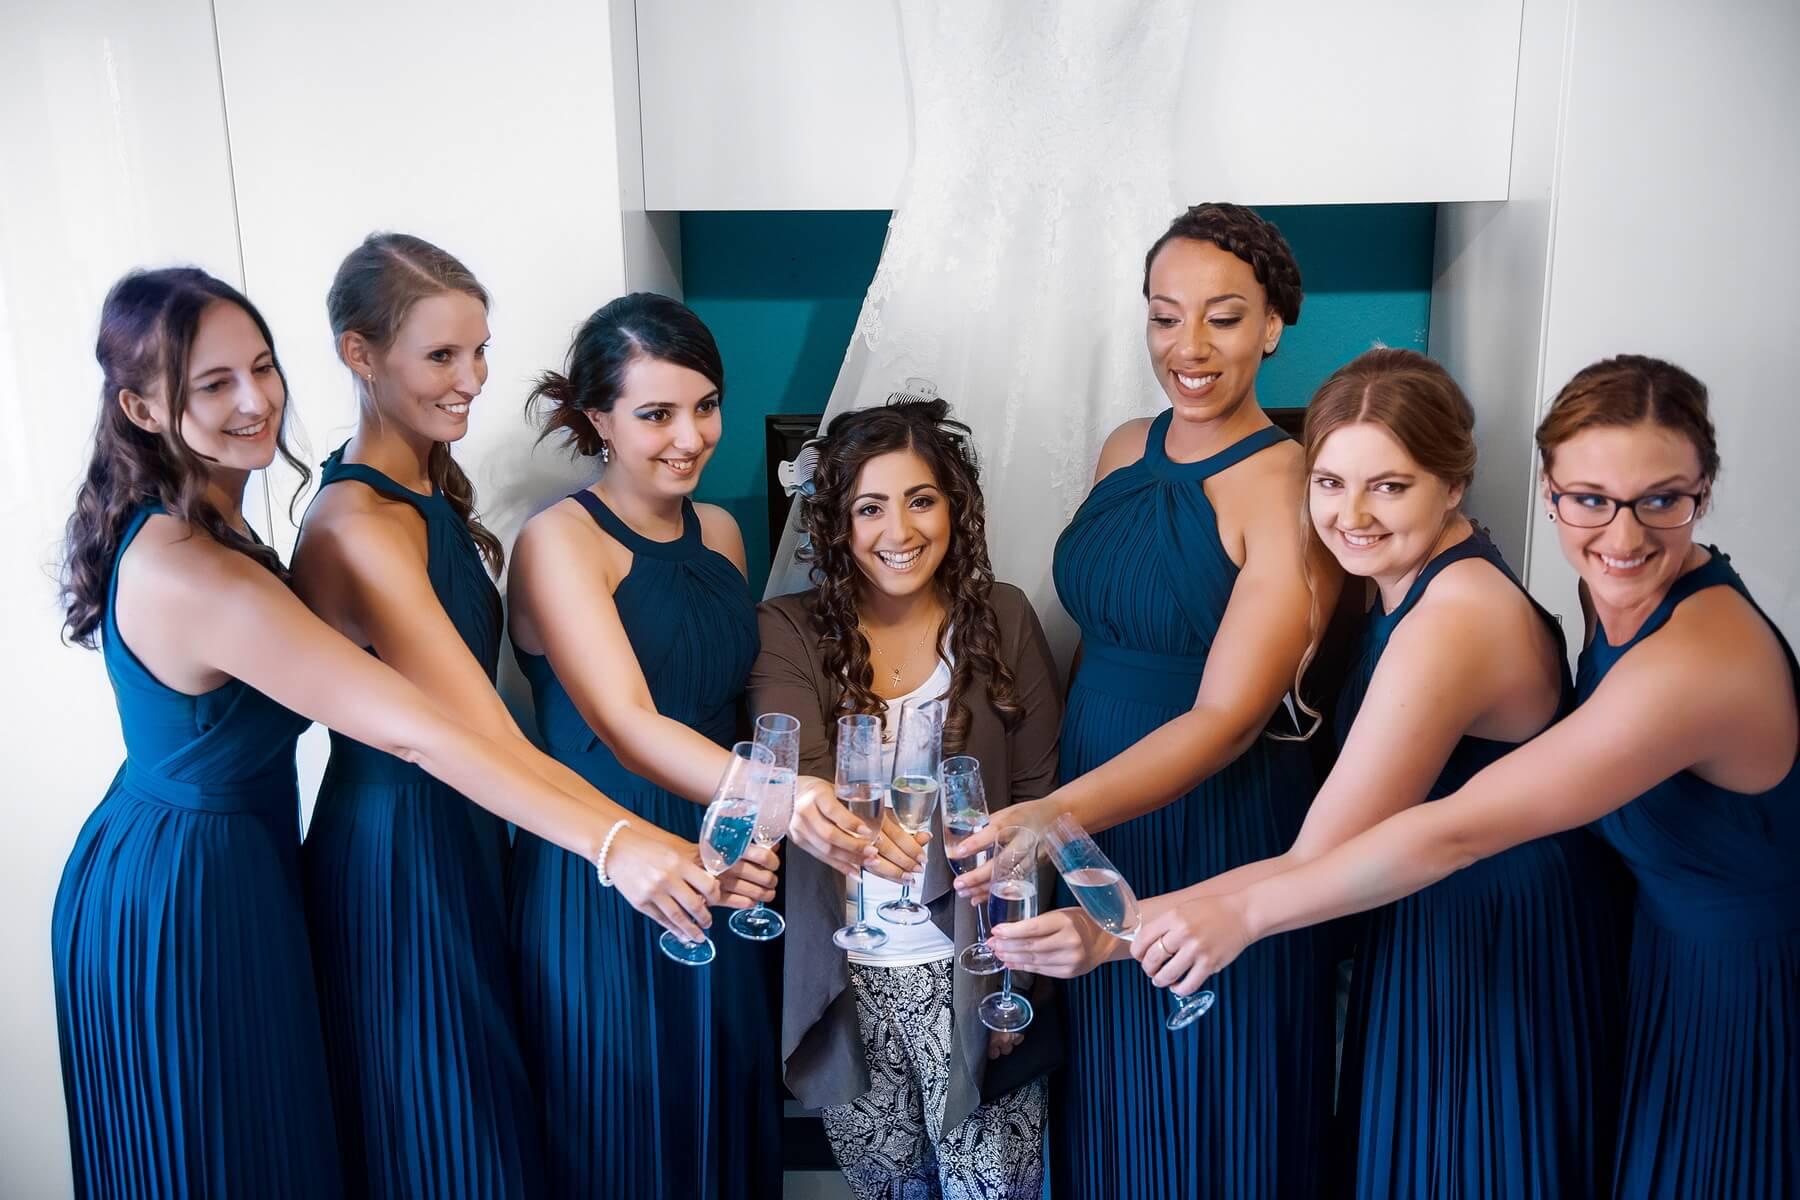 Fotograf-Frankfurt-Hochzeitsfotos-Brautjungfern-Prost-auf die Braut